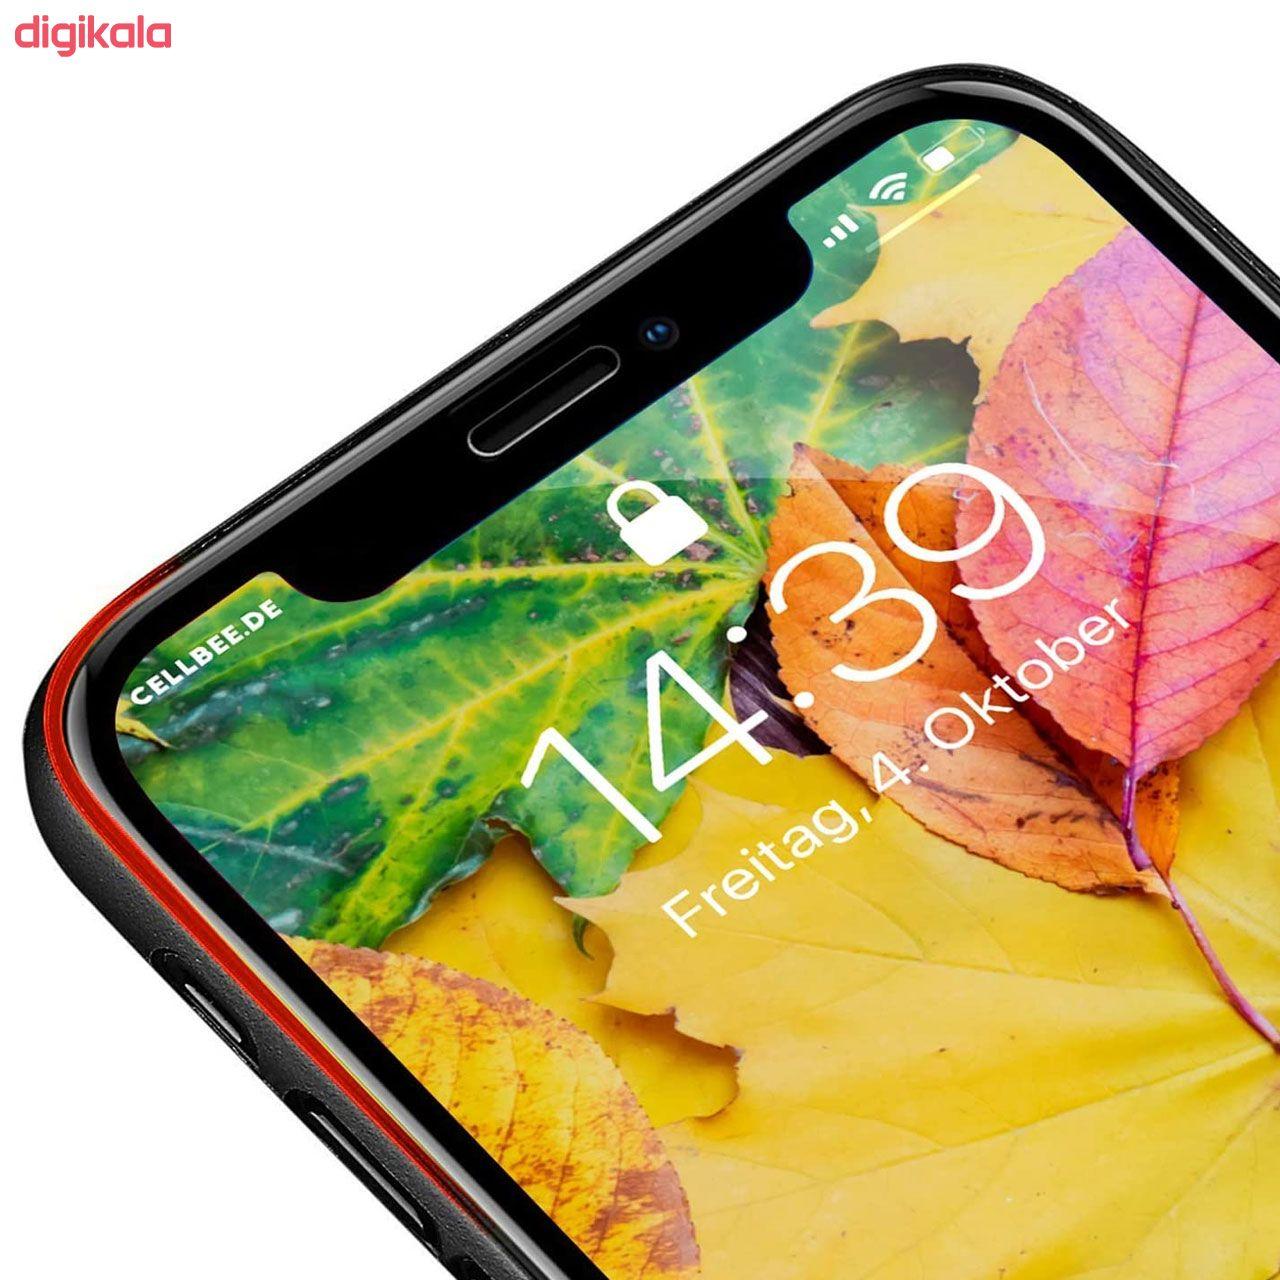 محافظ صفحه نمایش مدل FCG مناسب برای گوشی موبایل اپل iPhone 12 Pro بسته دو عددی main 1 4